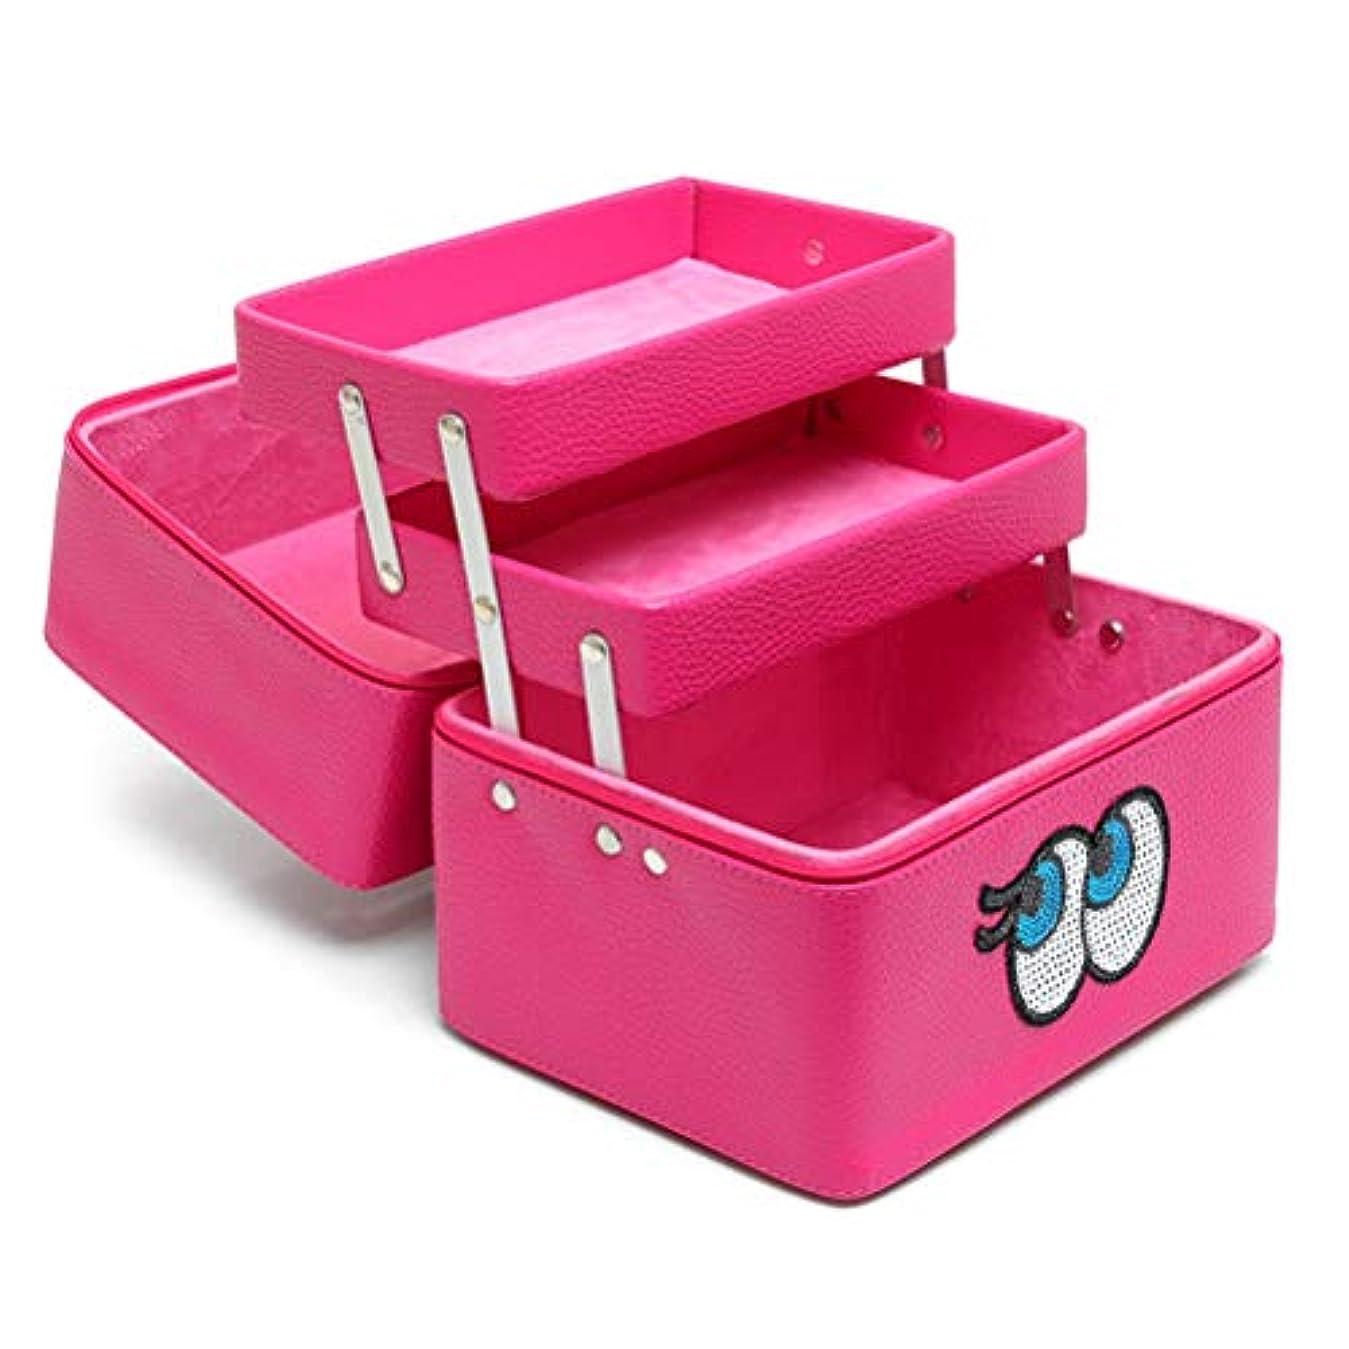 リテラシーチャンバー小包メイクボックス 化粧品収納ボックス 多層 コスメボックス メイクケース スキンケア用品入れ 中身 コスメ収納 取っ手付き 持ち運び 防水 ファスナー 可愛い 防塵 鏡付き 機能的 プロ 化粧BOX